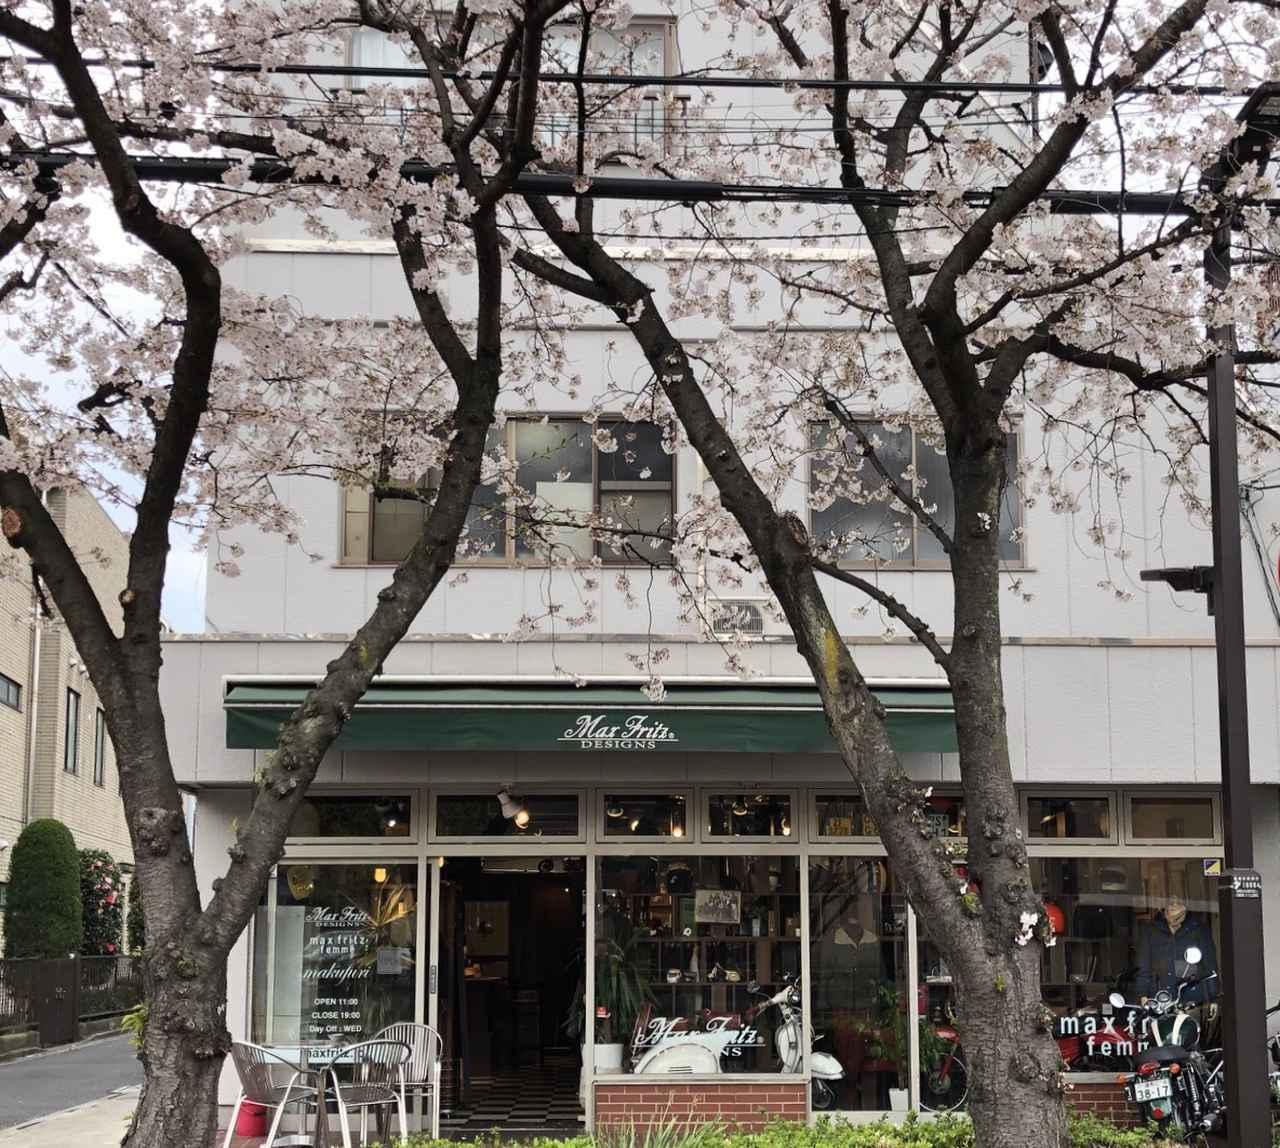 画像1: この時期、MaxFritz本店前の桜並木は満開になっている事でしょう。 MaxFritzで買物しながら桜と珈琲を楽しめます。